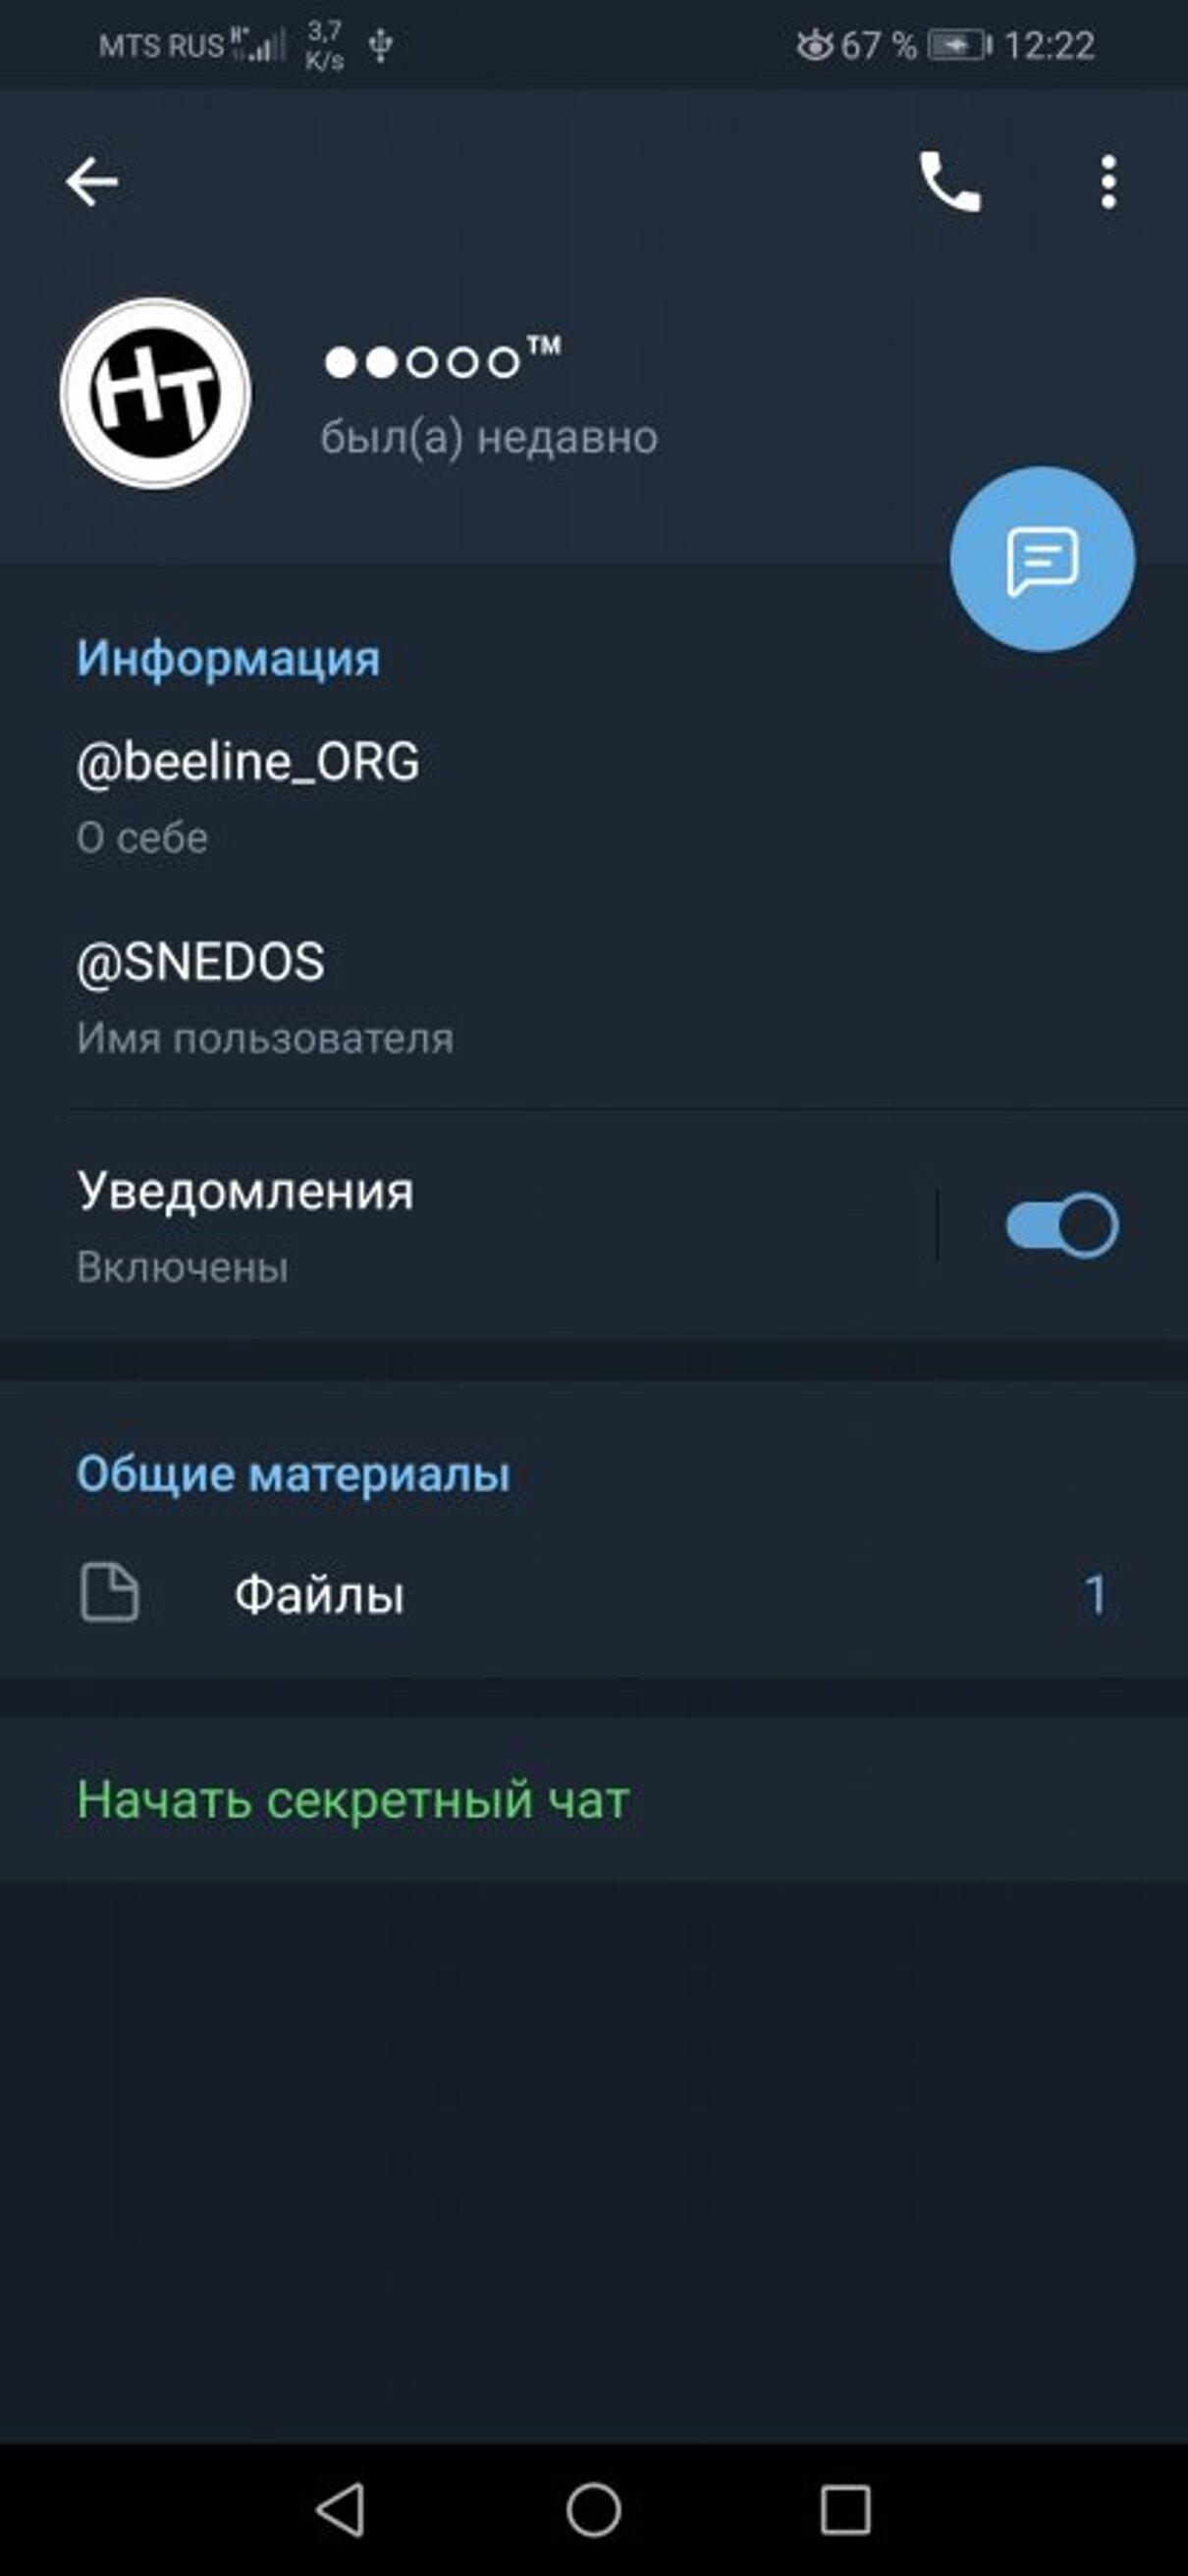 Жалоба-отзыв: Телеграм канал Непубличные тарифы, @SNEDOS, @beeline_ORG - Осторожно телеграм мошенники!.  Фото №3